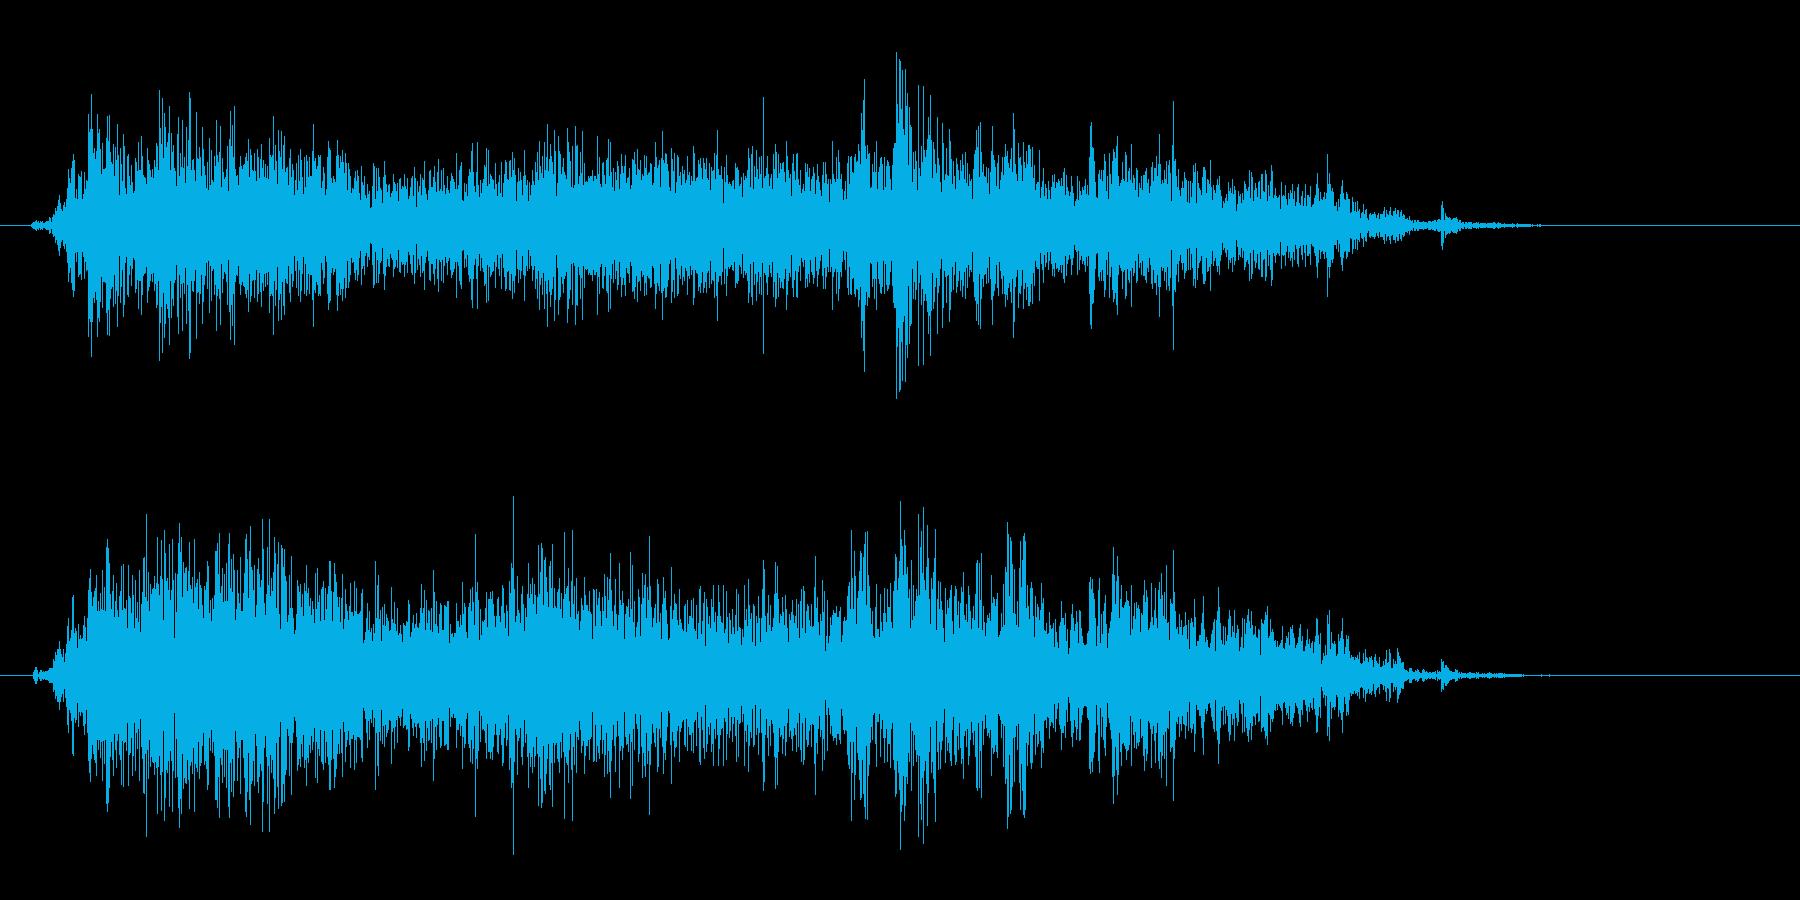 カサァという紙を擦る音の再生済みの波形